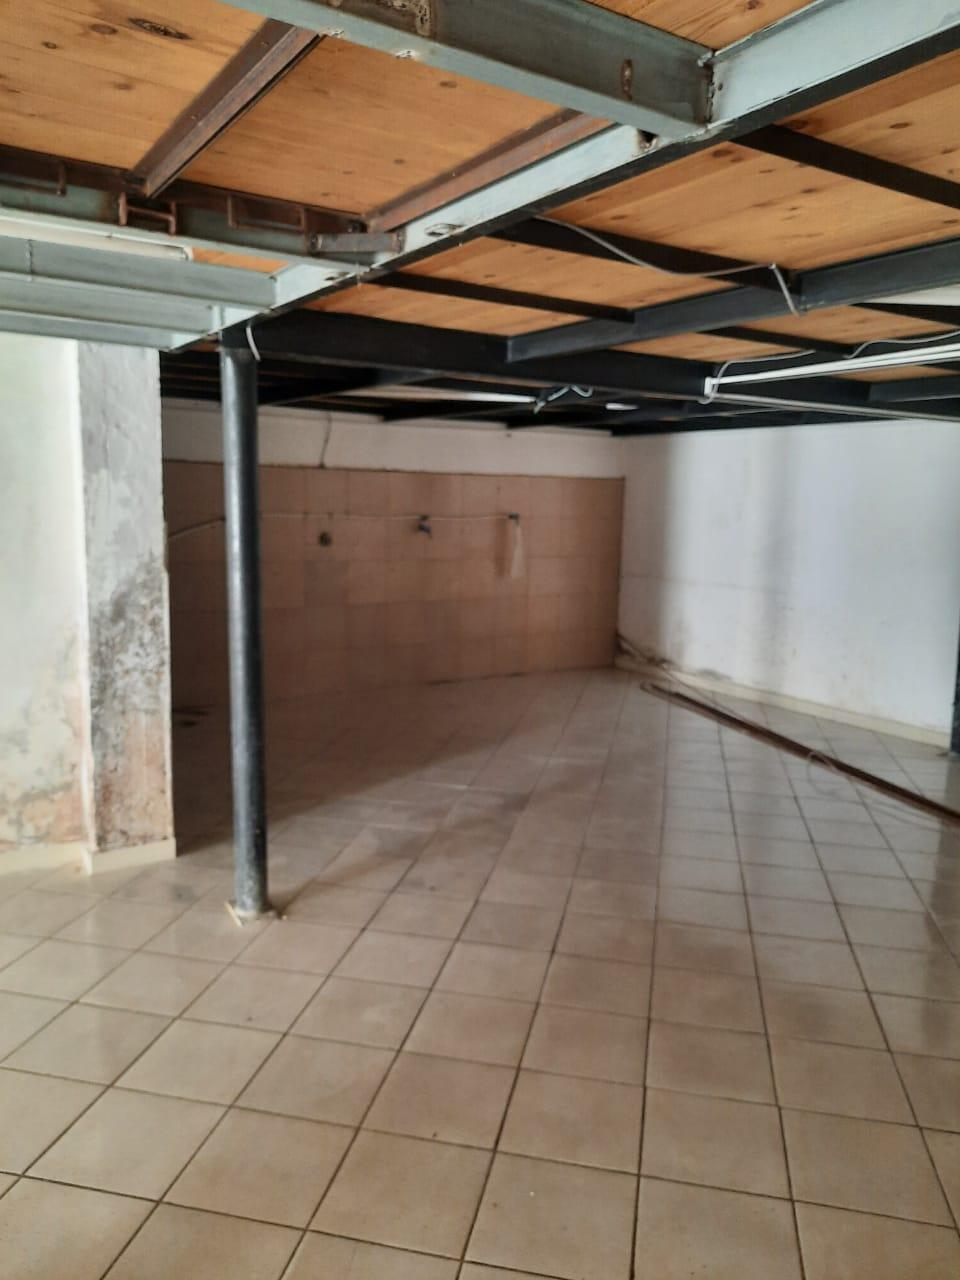 Magasin à louer de 180m² à Kbibat Rabat 12 000 DH